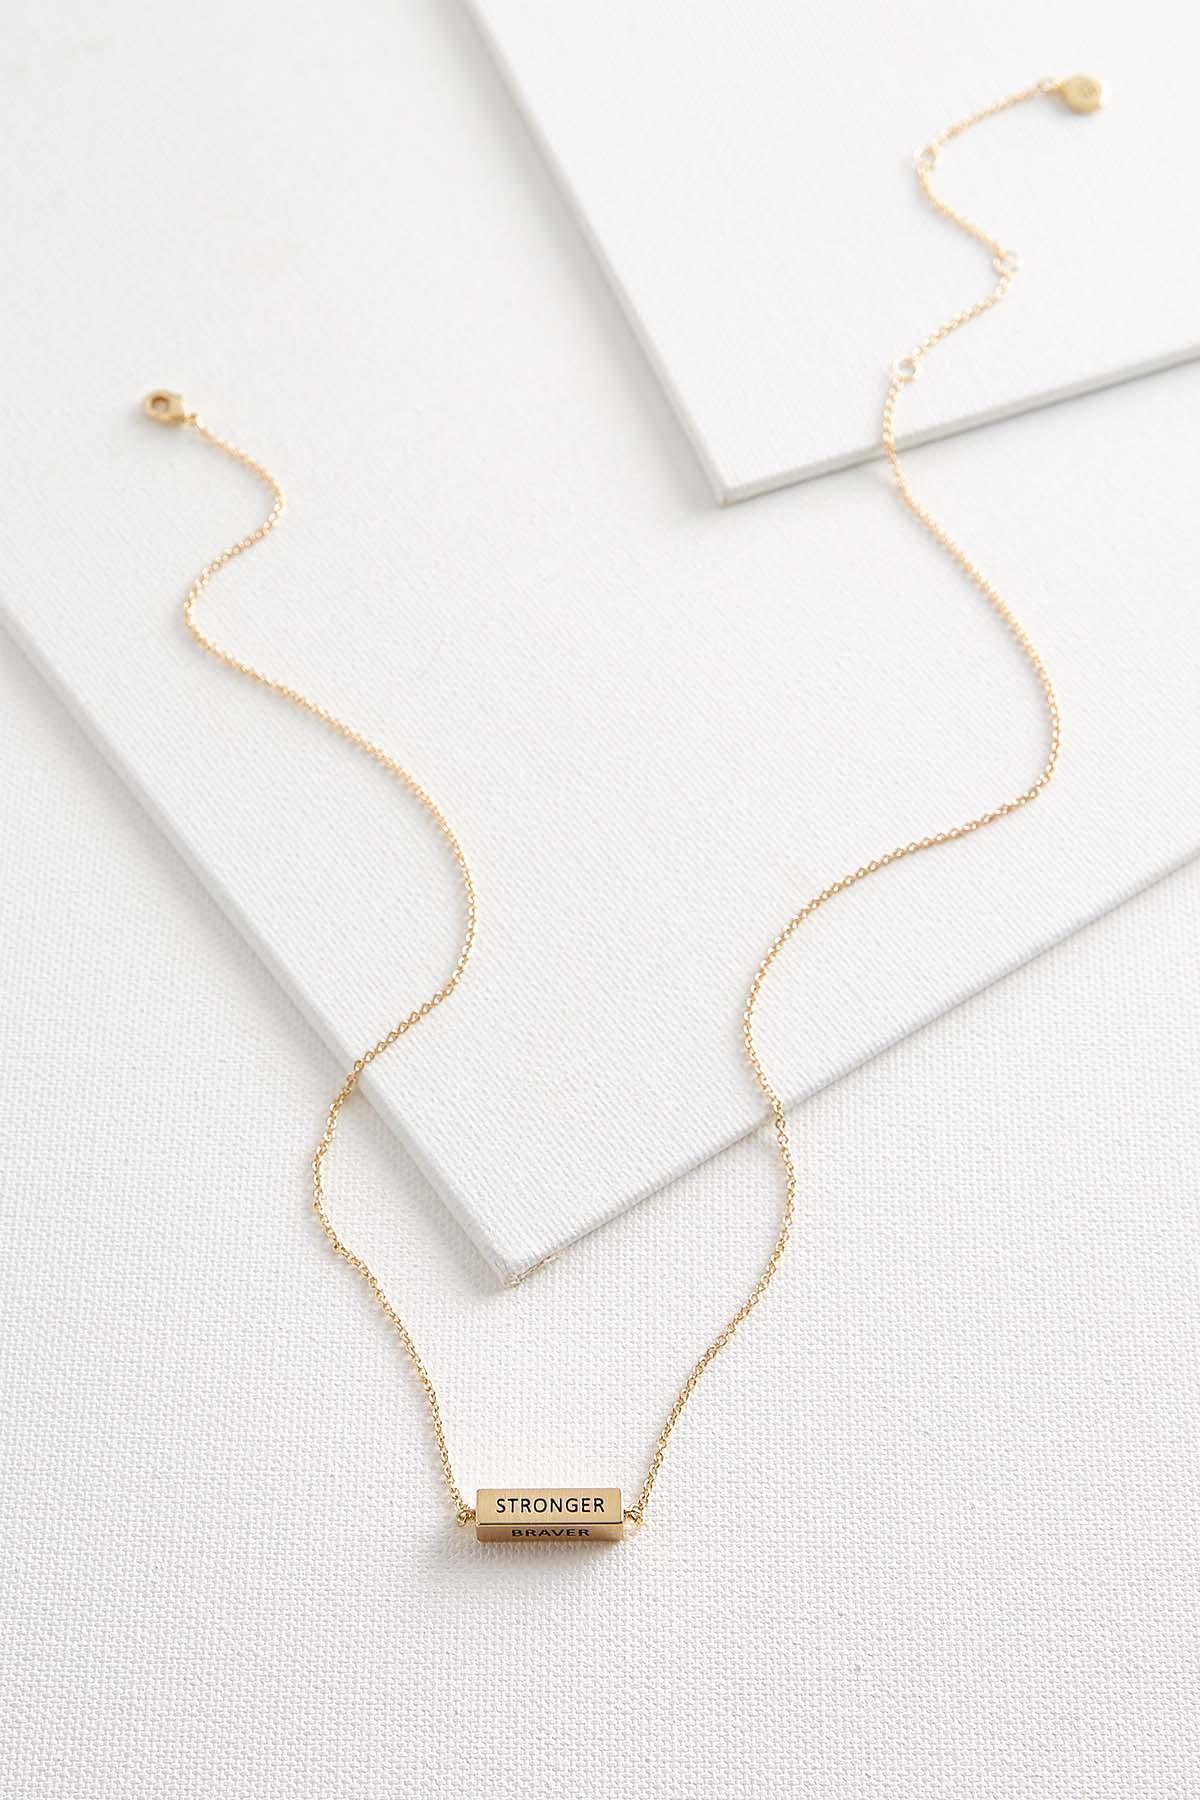 Stronger Braver Bar Necklace